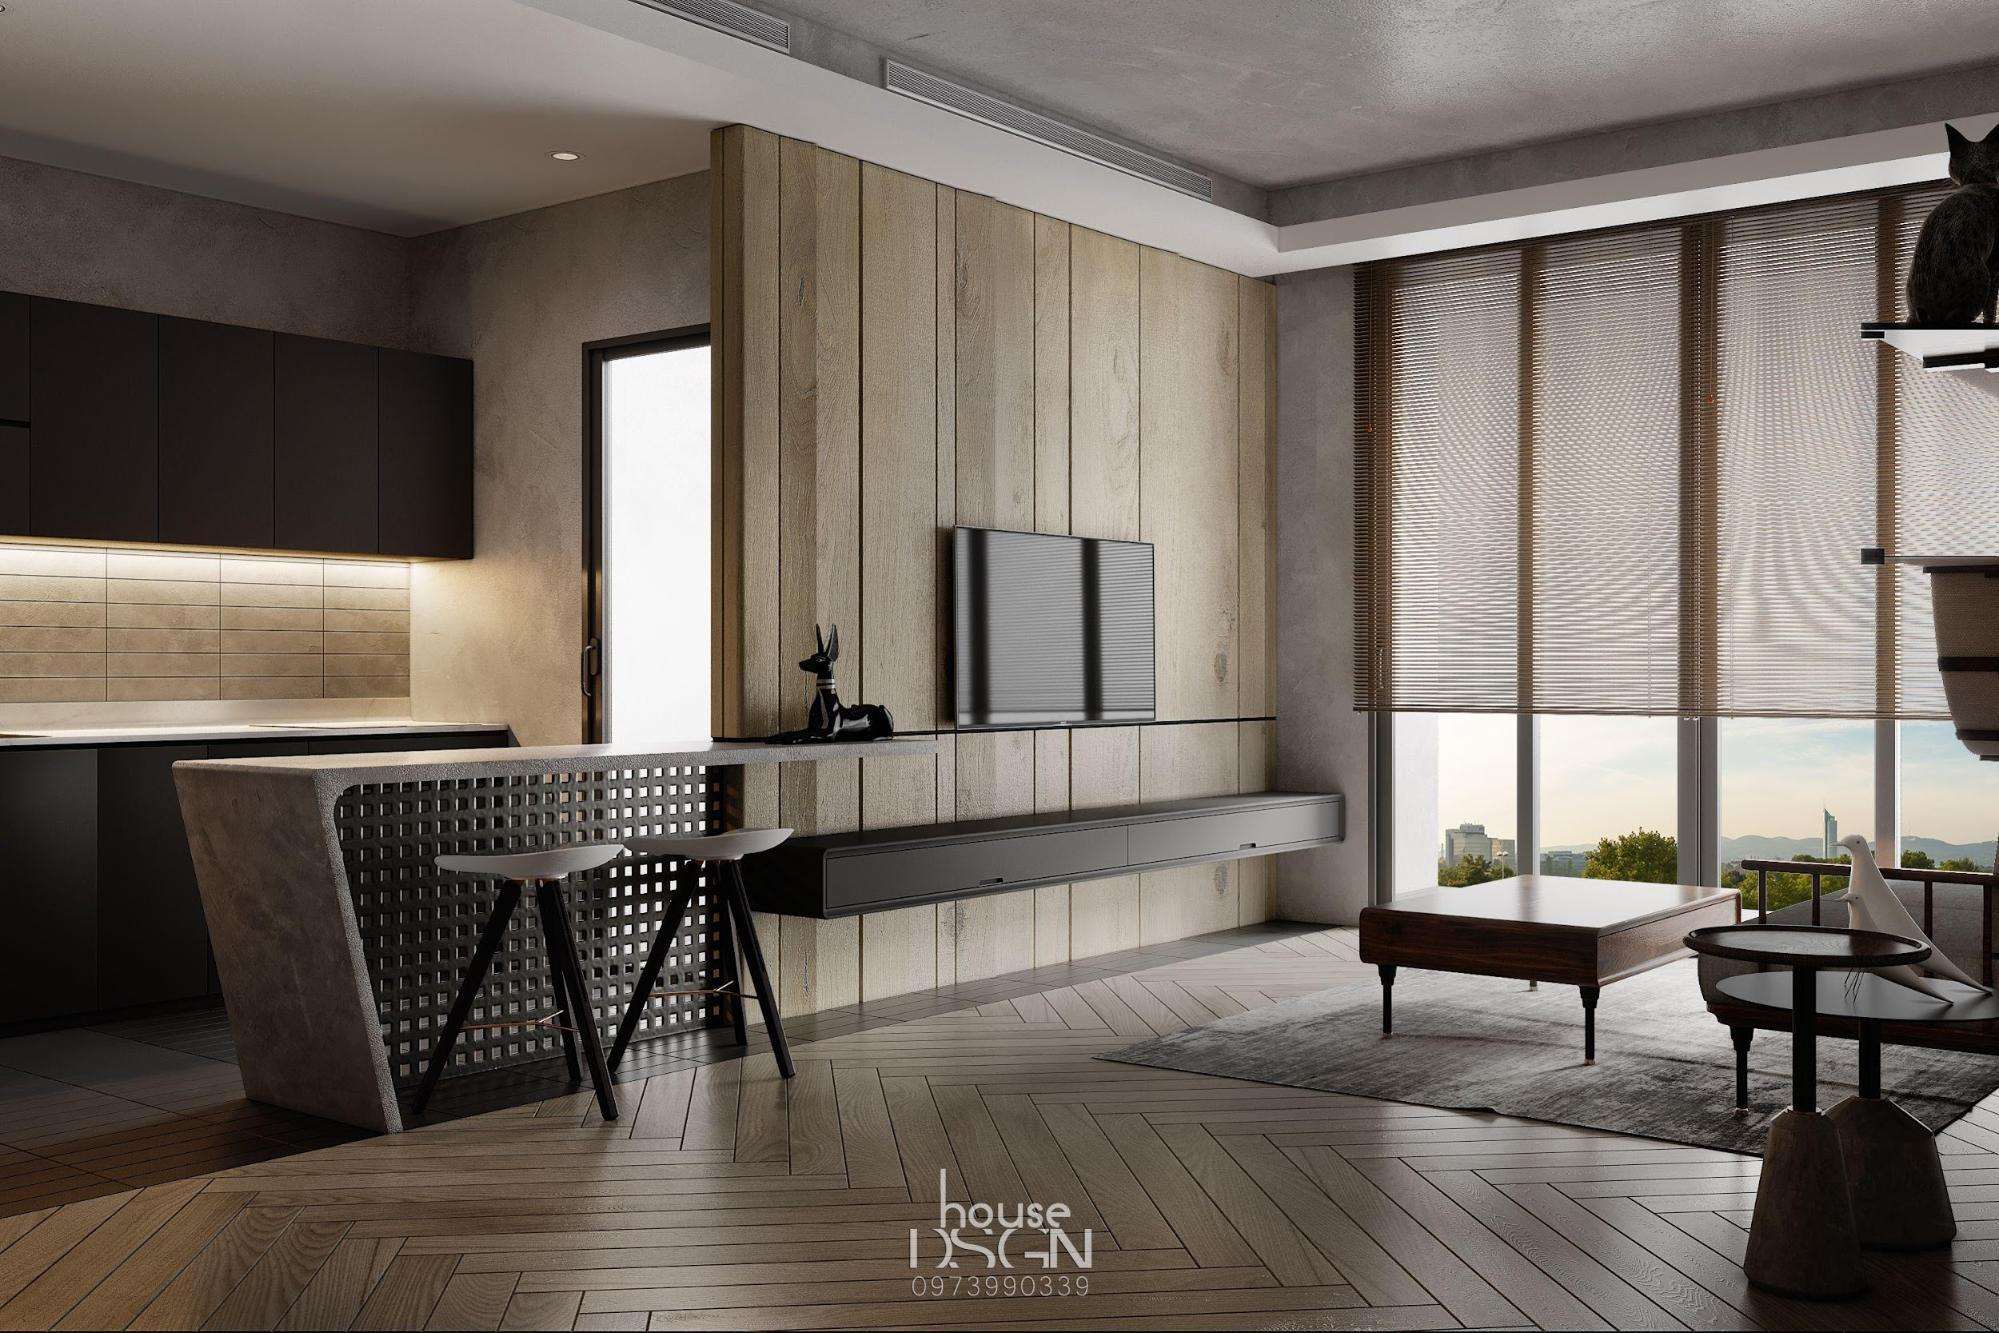 không gian với phong cách nội thất tối giản